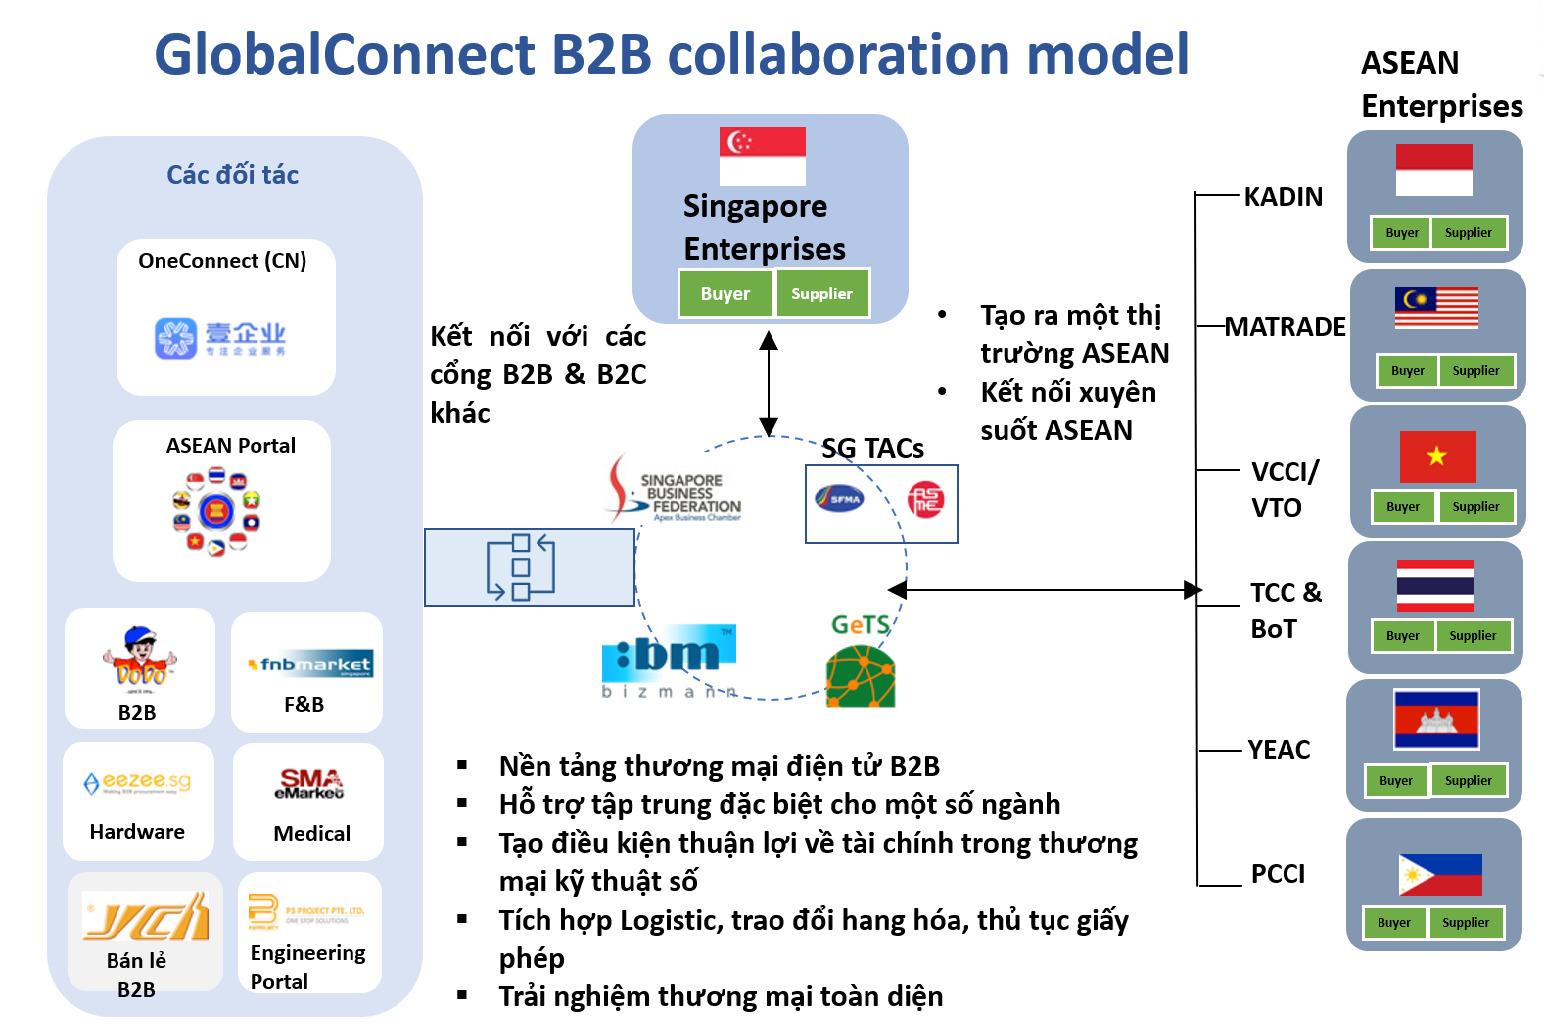 Các doanh nghiệp trong khối ASEAN sẽ kết nối với nhau qua nền tảng GlobalConnect B2B - Ảnh 2.